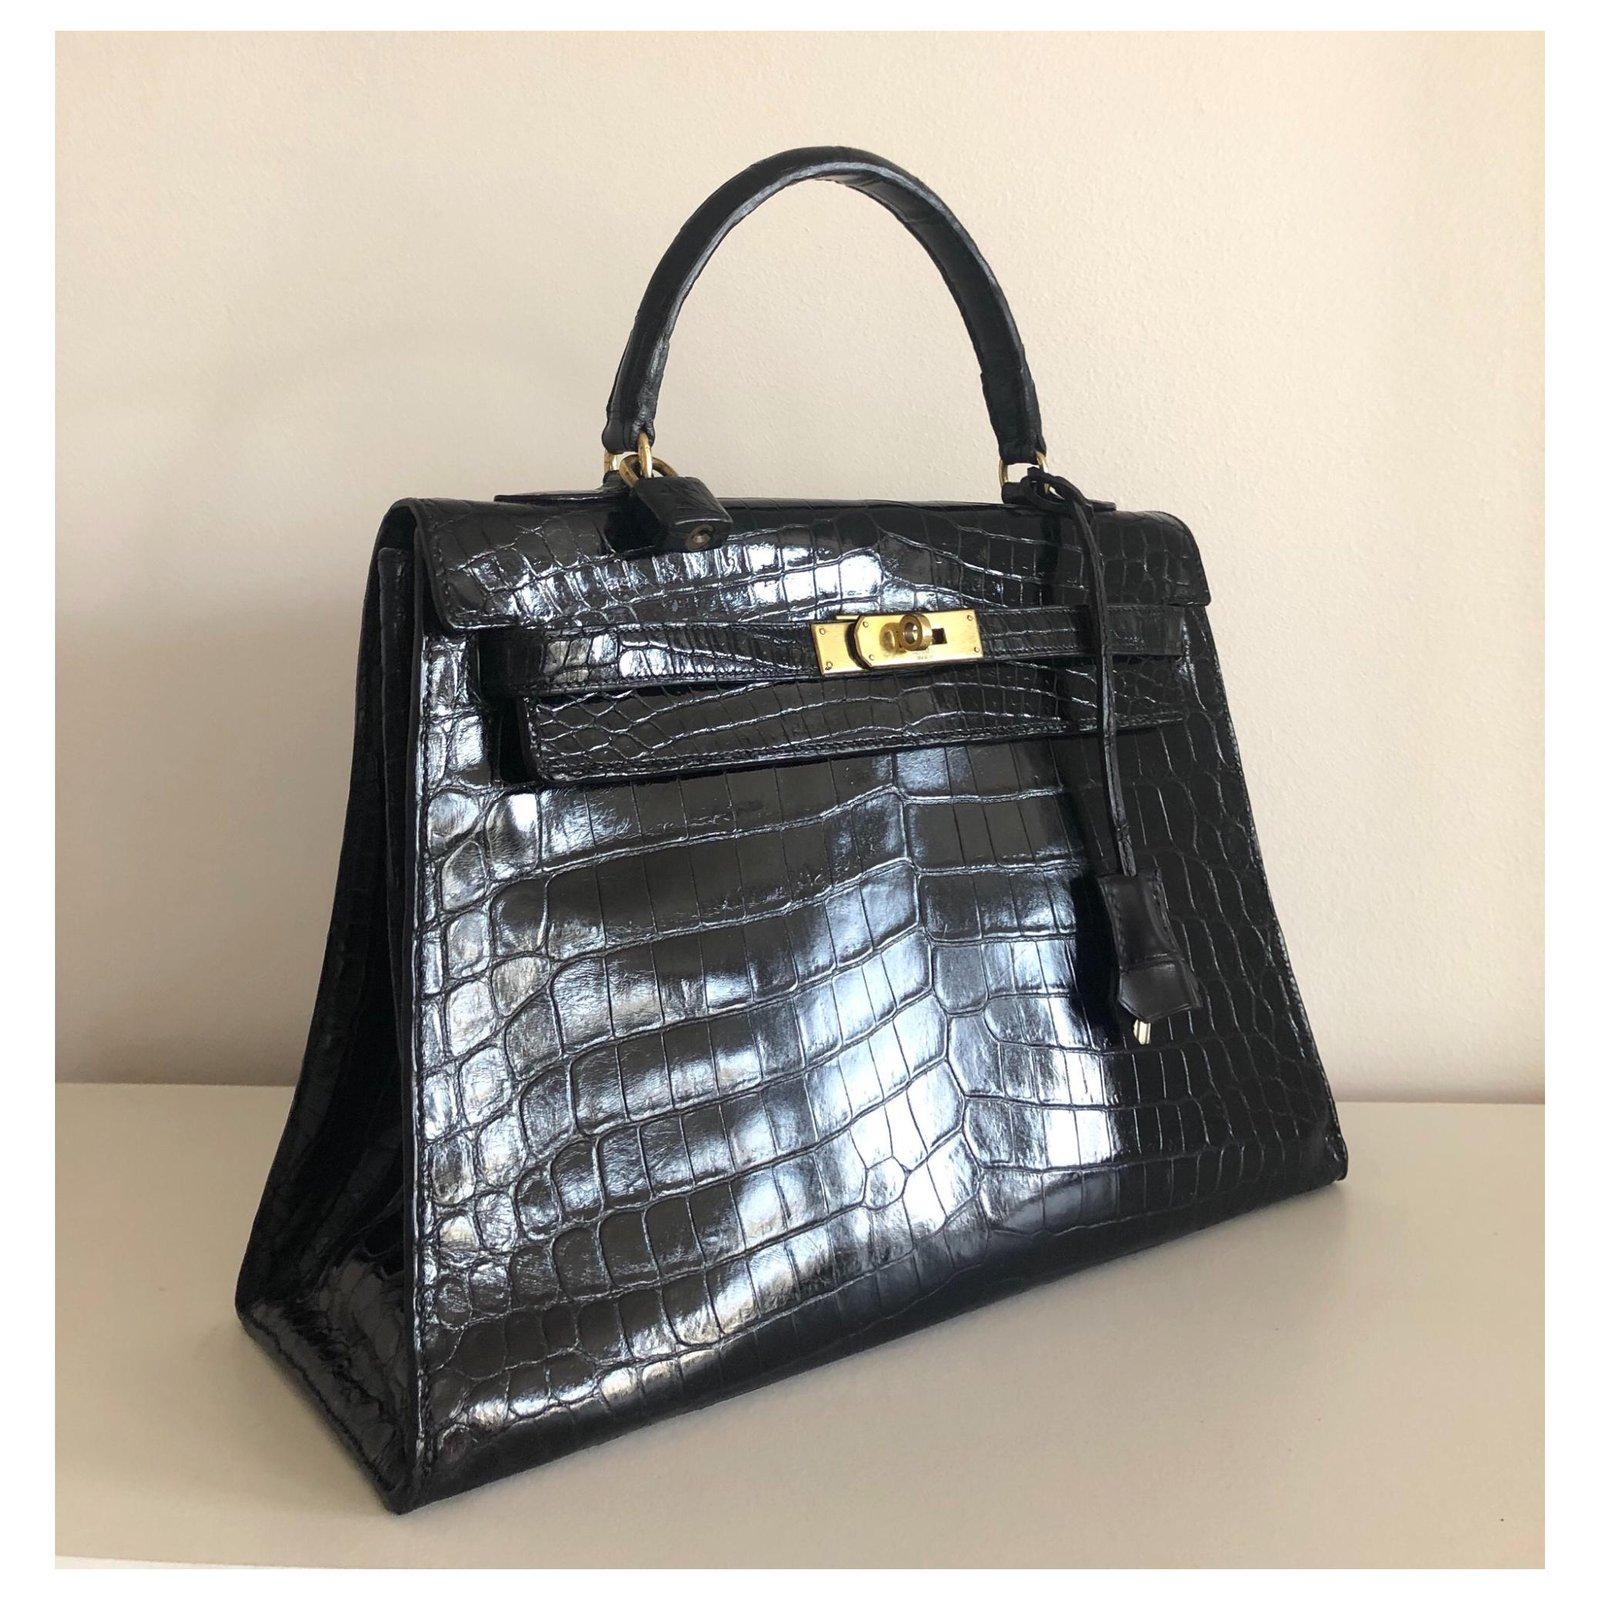 b6e5c48519122 Hermès Hermes Kelly 32 schwarzes Krokodil Handtaschen Exotisches Leder  Schwarz ref.124132 - Joli Closet